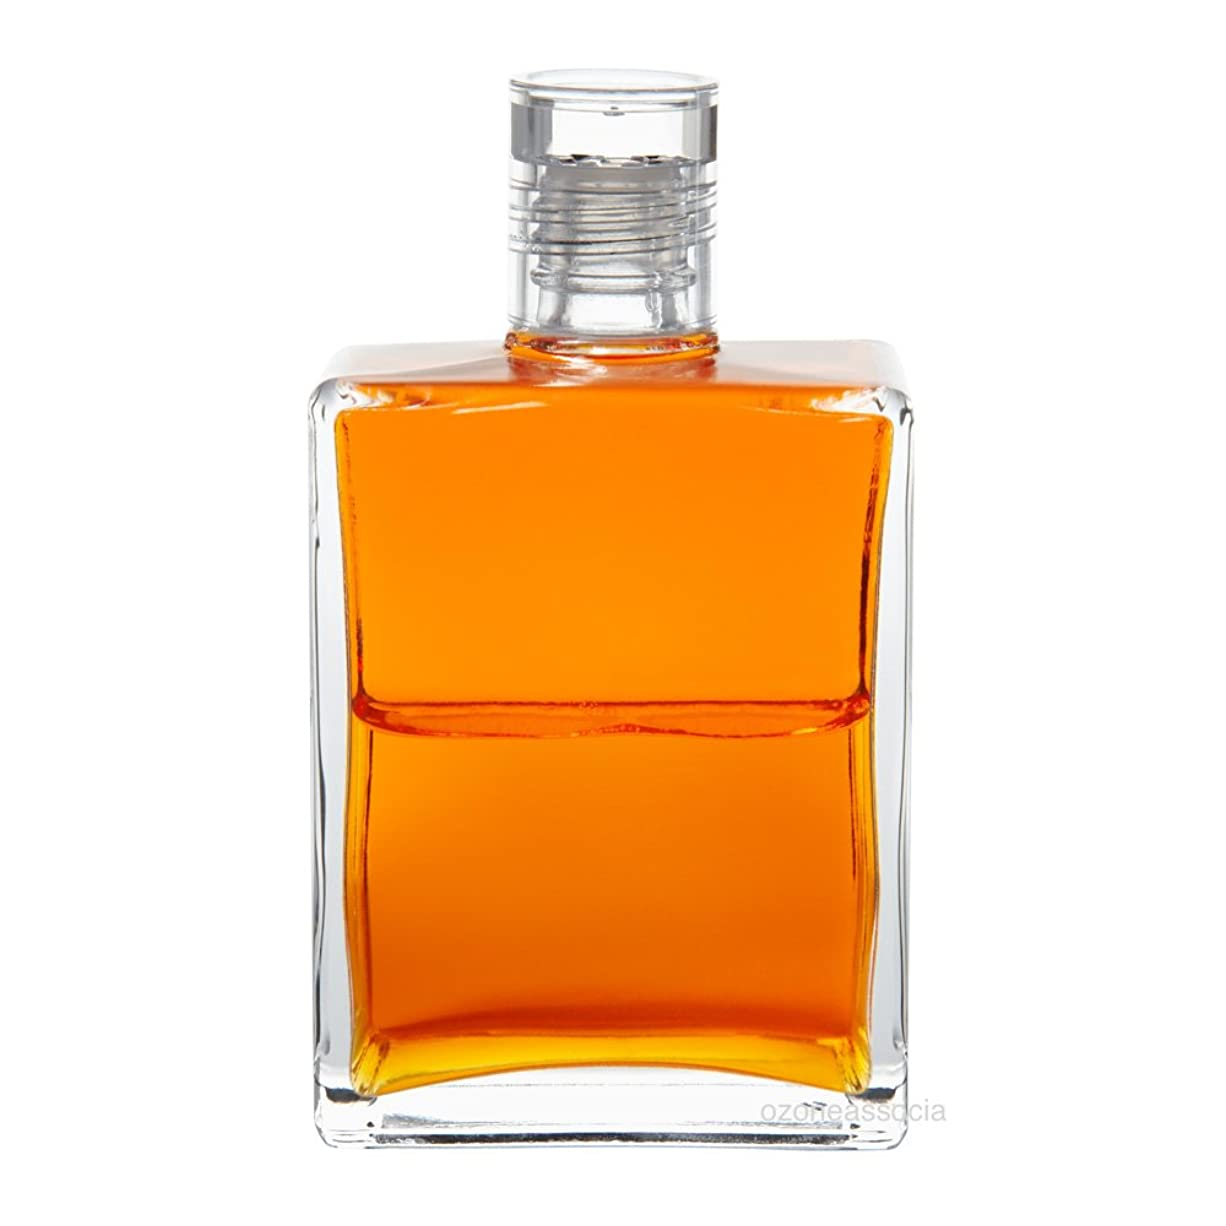 忌避剤デュアルかなりのオーラソーマ ボトル 26番  エーテルレスキュー/パンプティ?ダンプティボトル (オレンジ/オレンジ) イクイリブリアムボトル50ml Aurasoma